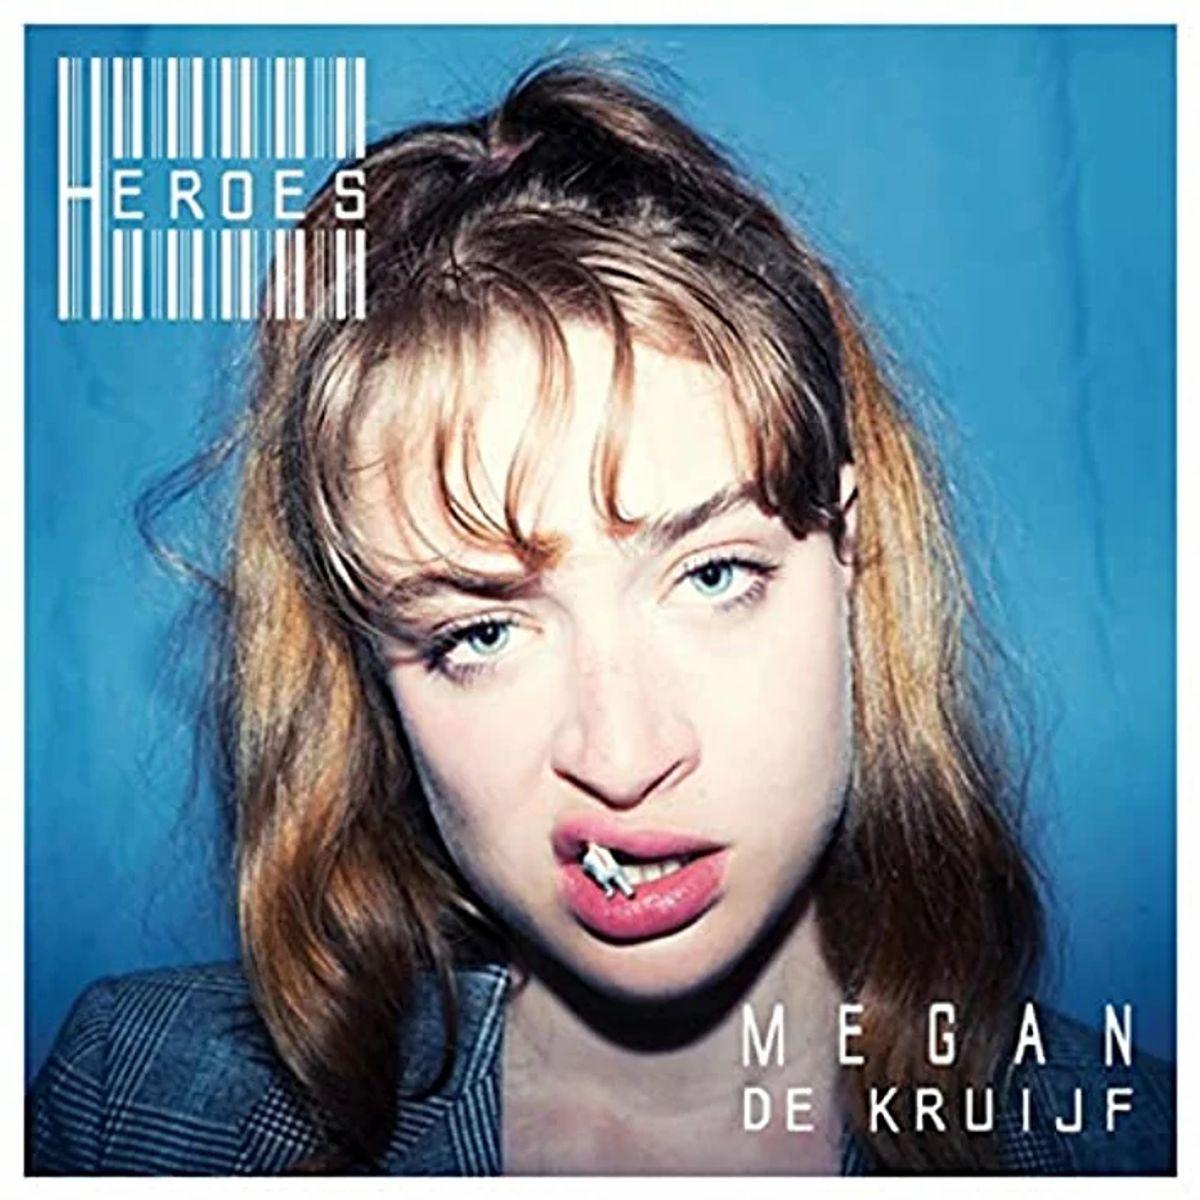 Megan De Kruijf - Heroes